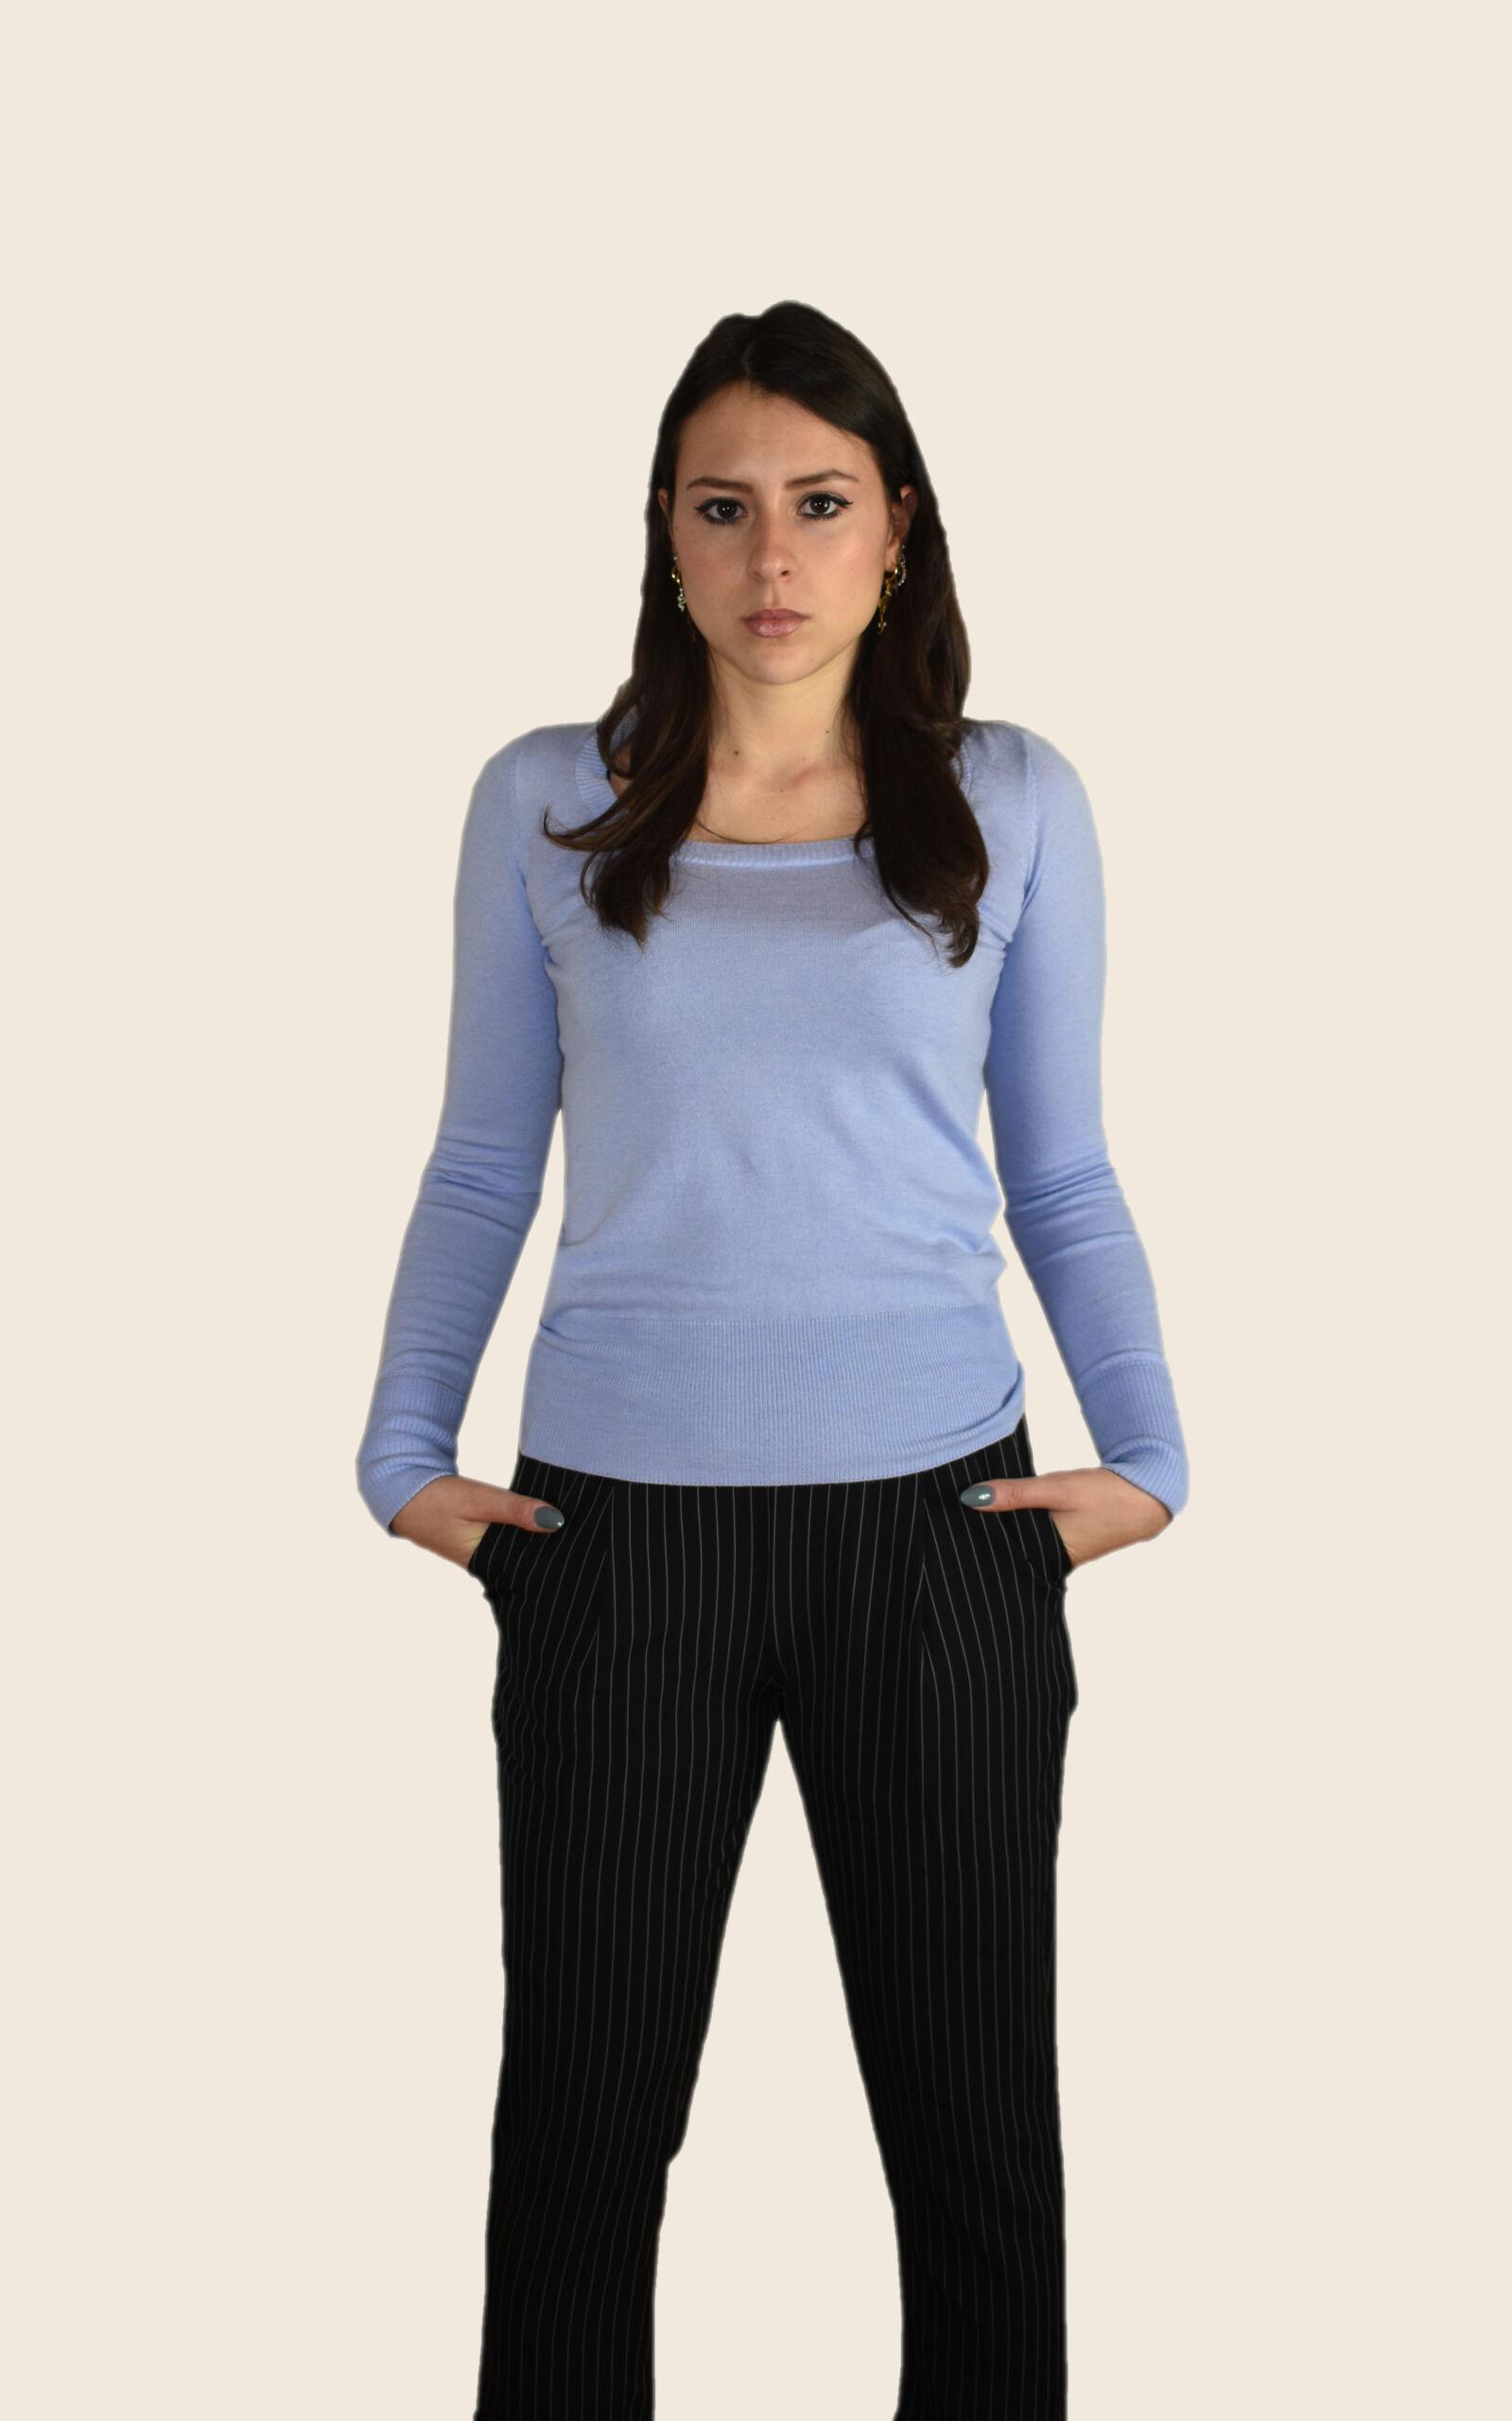 Rebecca maglia 55% seta 45% cashmere da donna girocollo ampio manica lunga risvoltata